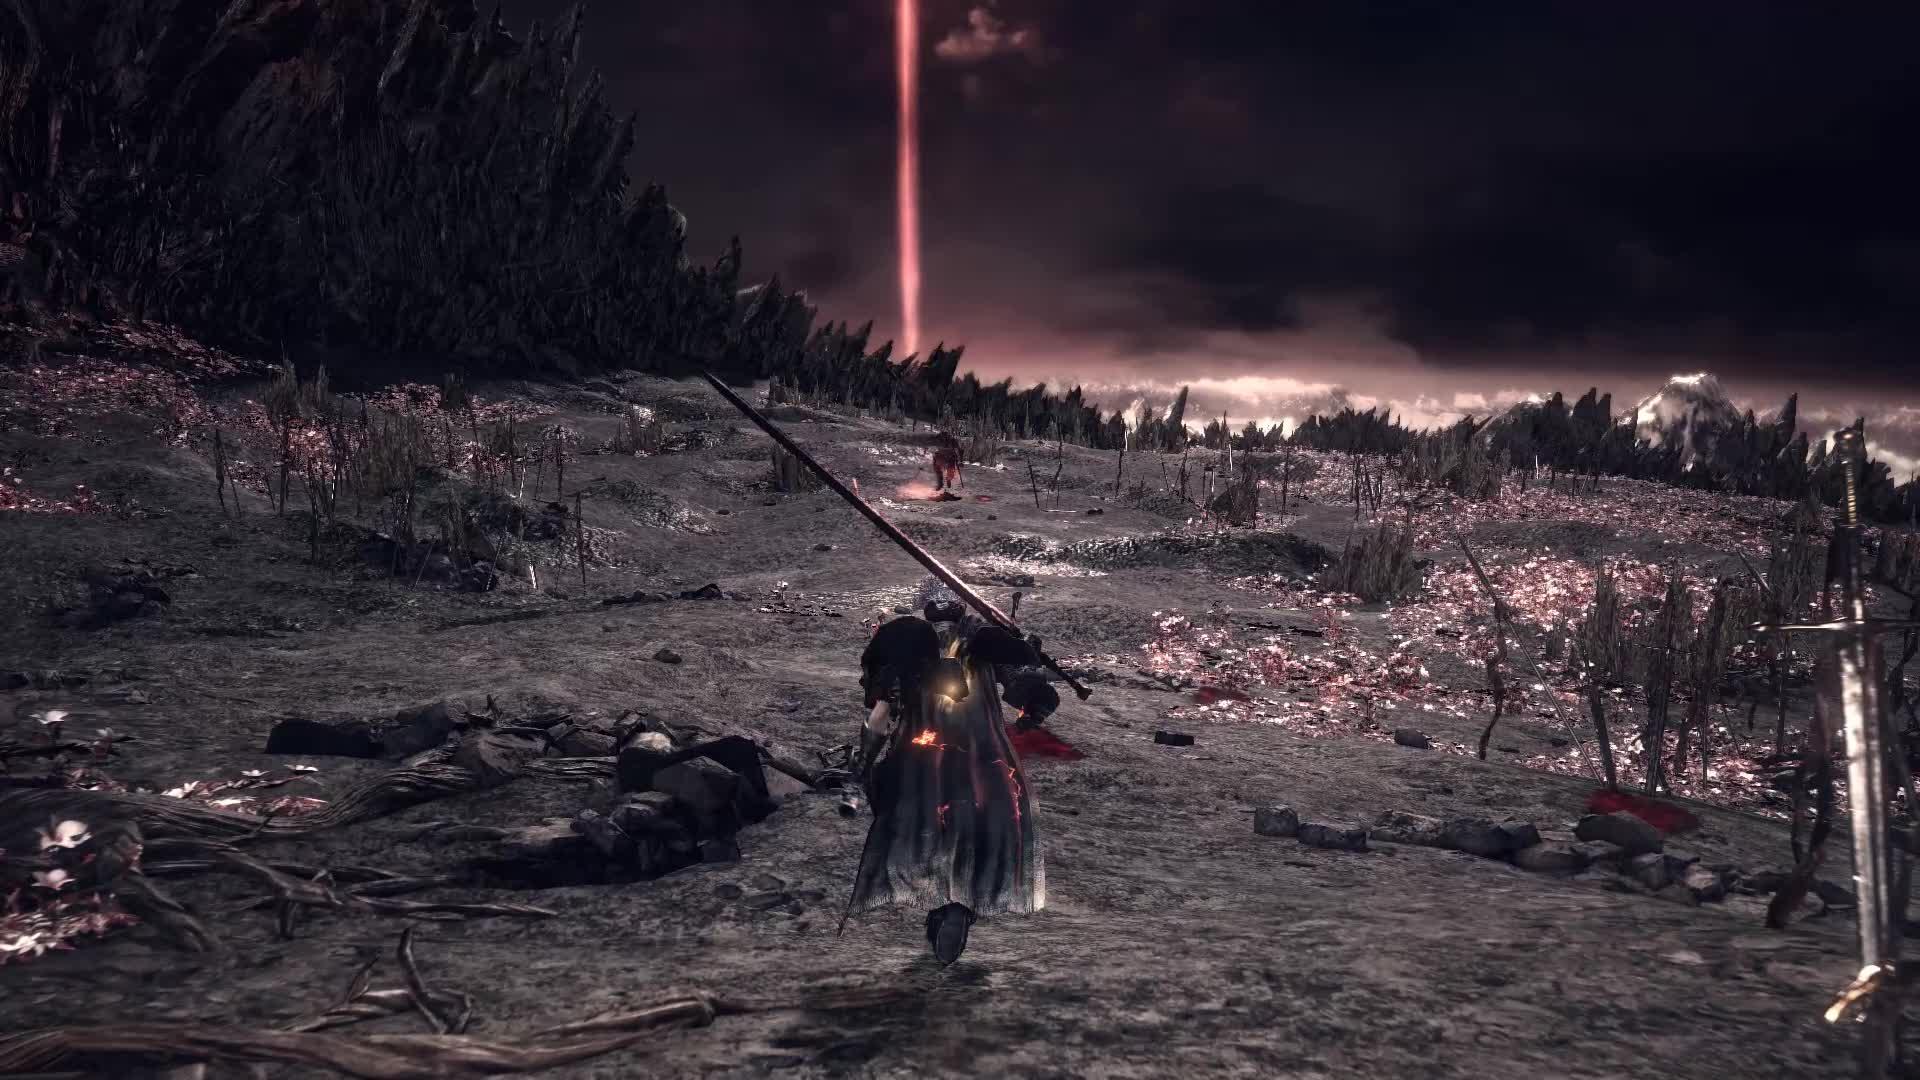 darksouls, Dark Souls III 2018.11.13 - 21.49.27.03 GIFs